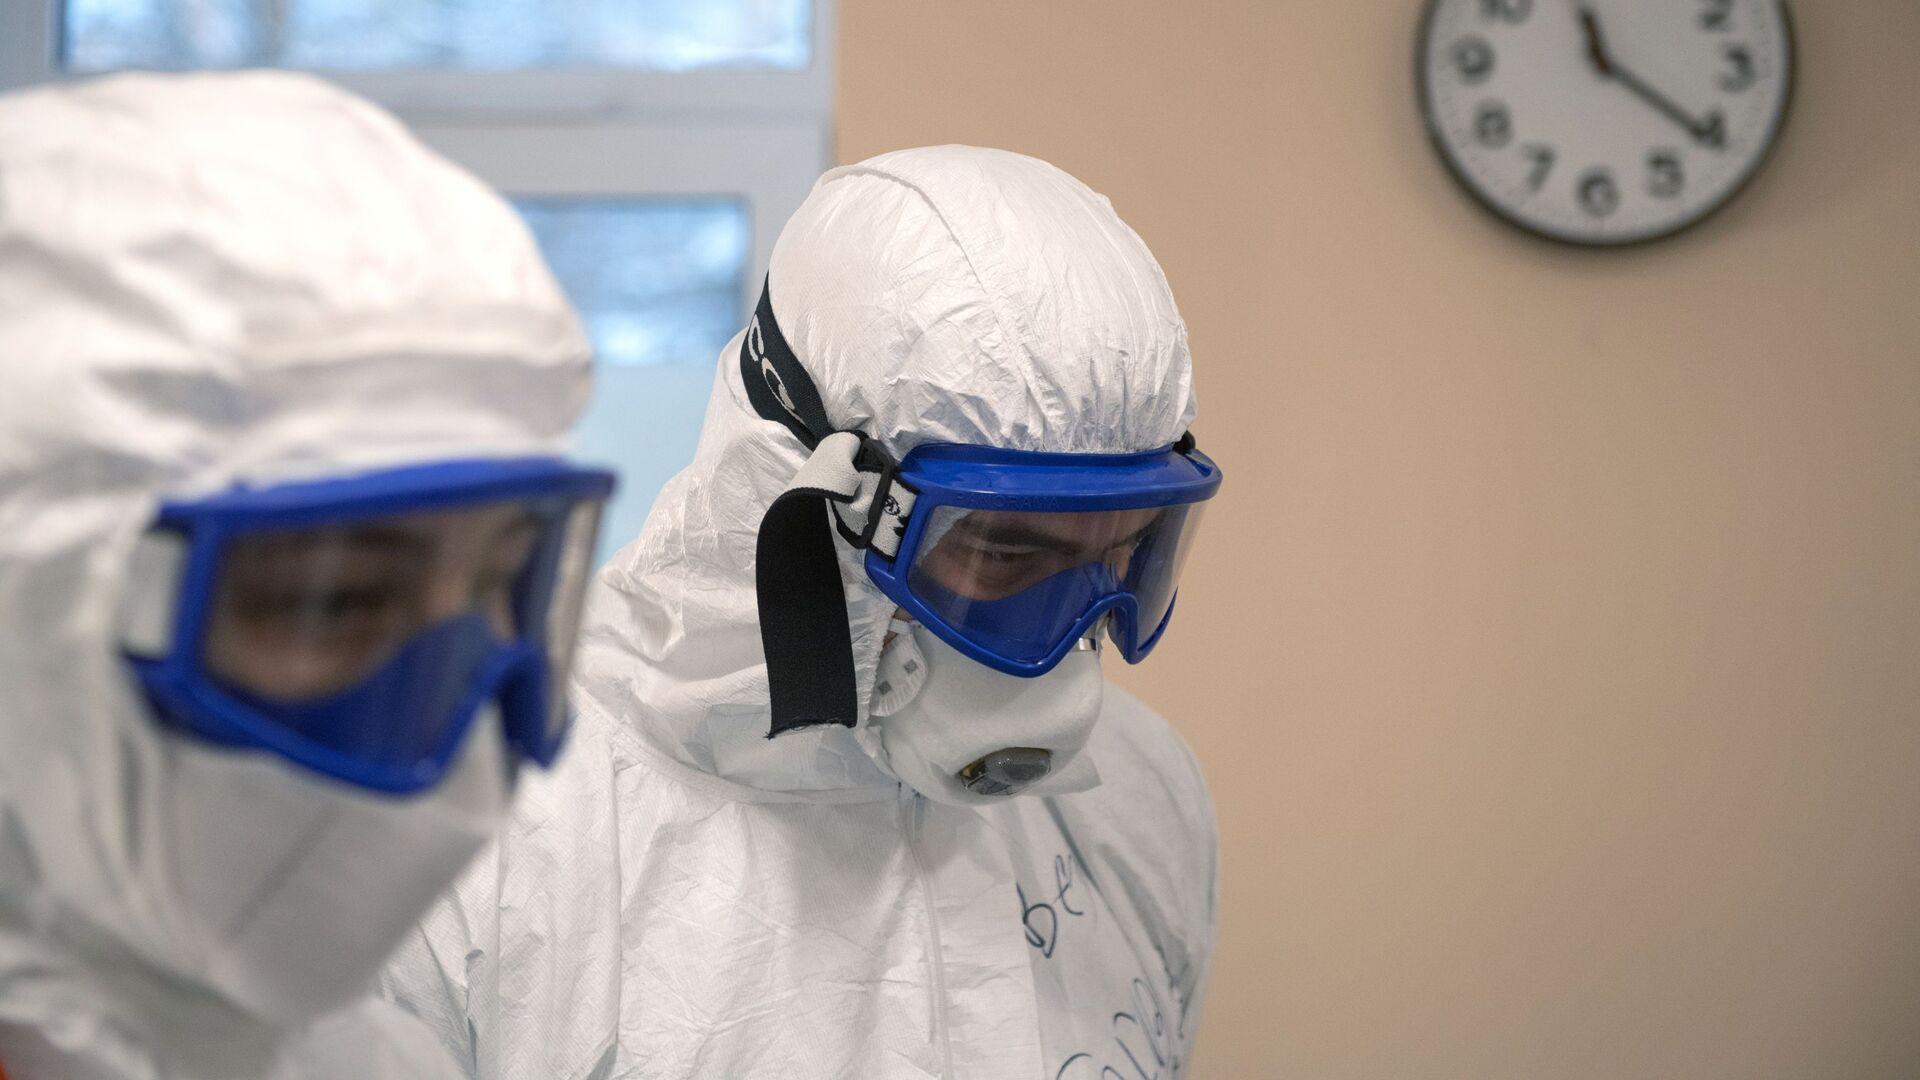 Médicos vestidos con trajes de protección - Sputnik Mundo, 1920, 06.05.2021